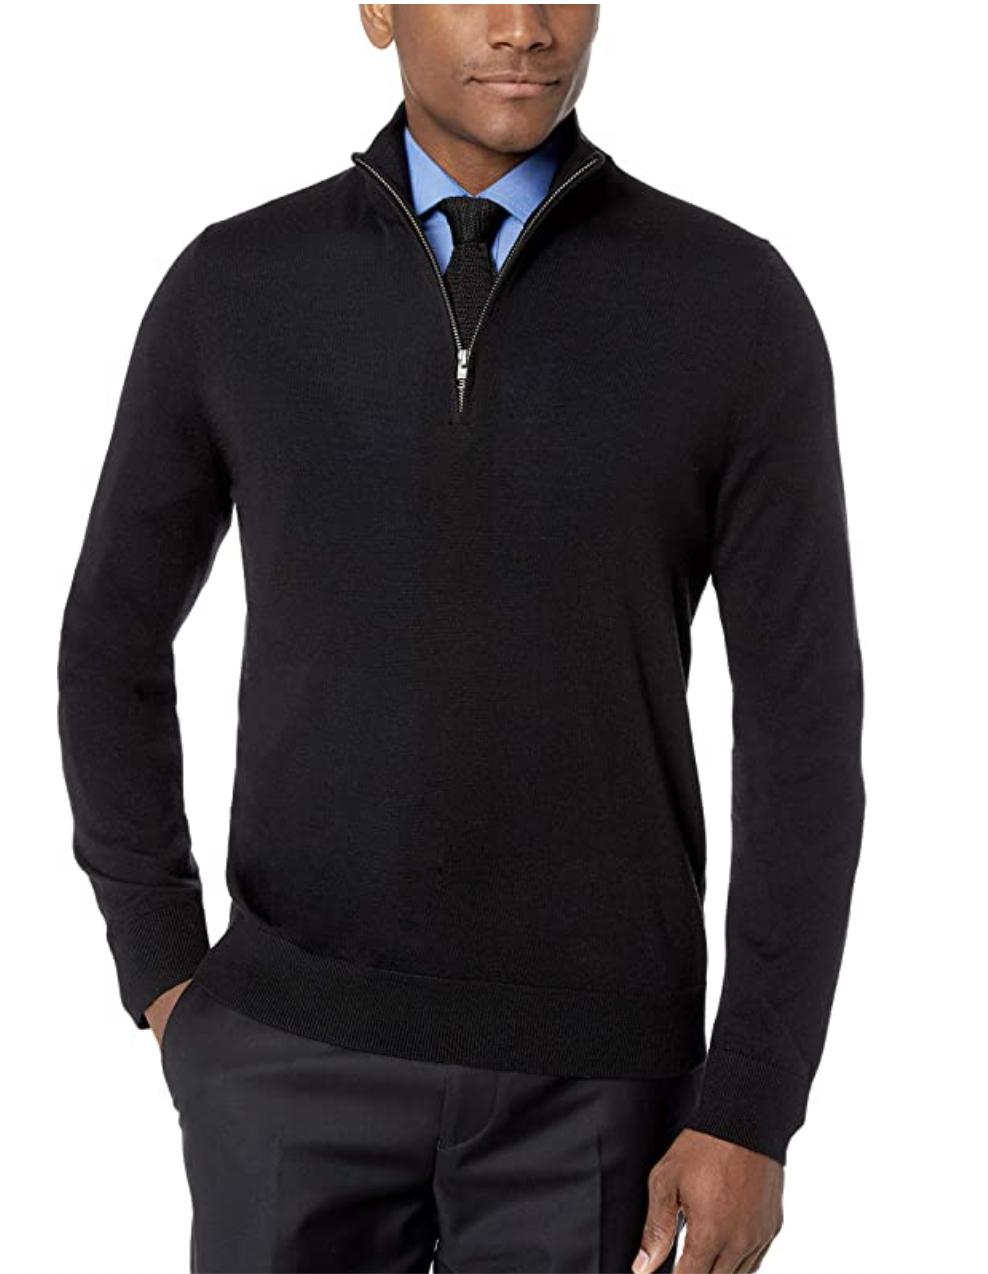 model in a black quarter zip sweater